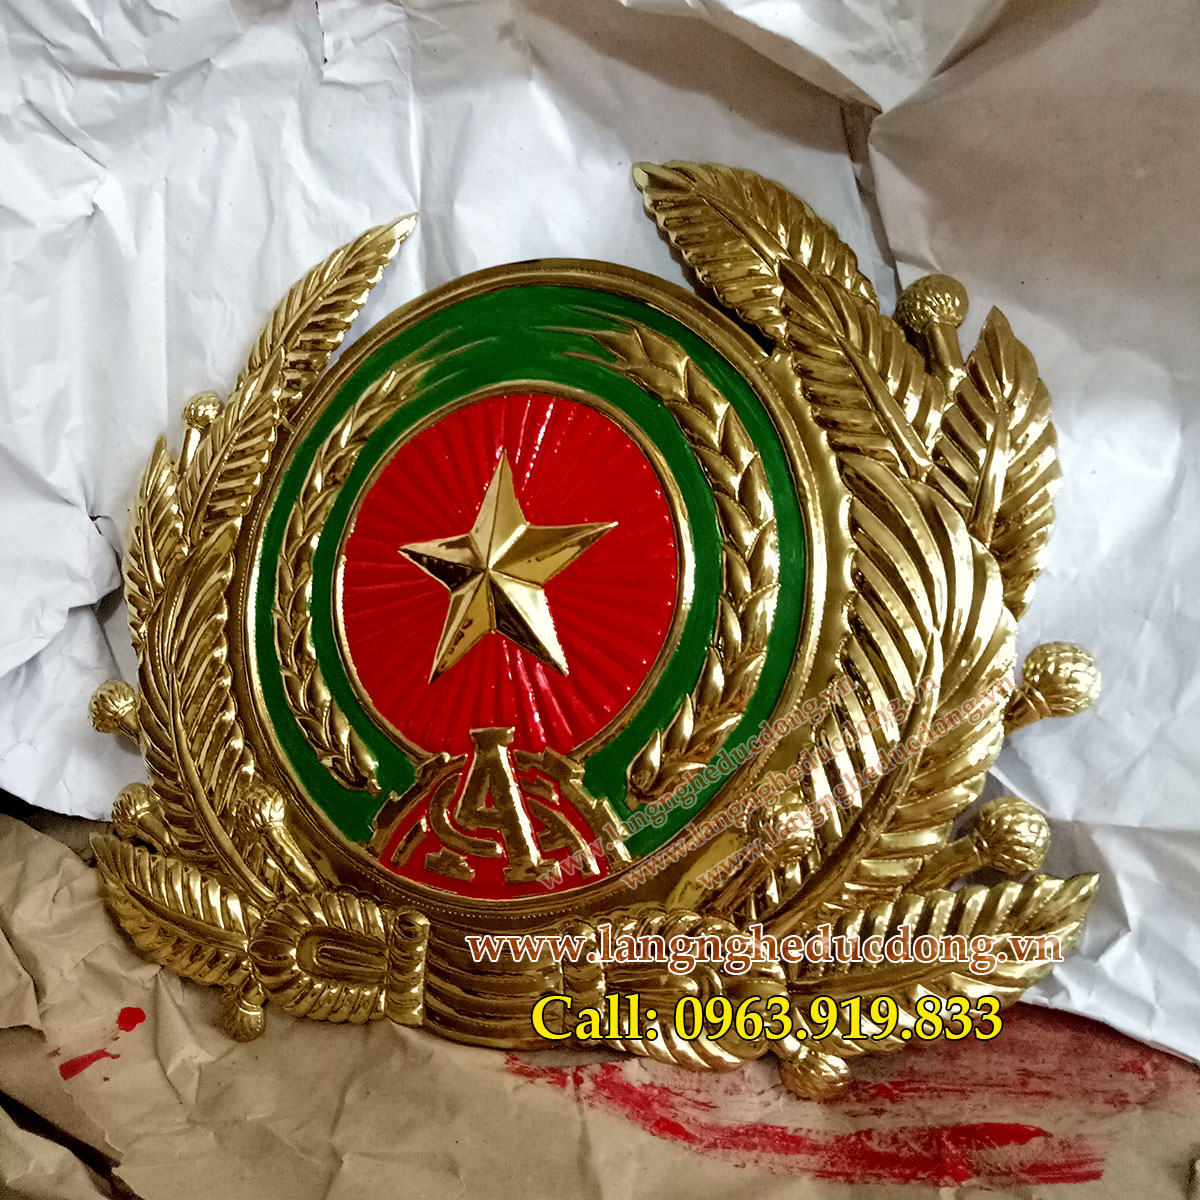 langngheducdong.vn - huy hiệu, quốc huy, logo gò đồng thủ công mỹ nghệ, nhận làm hàng đặt